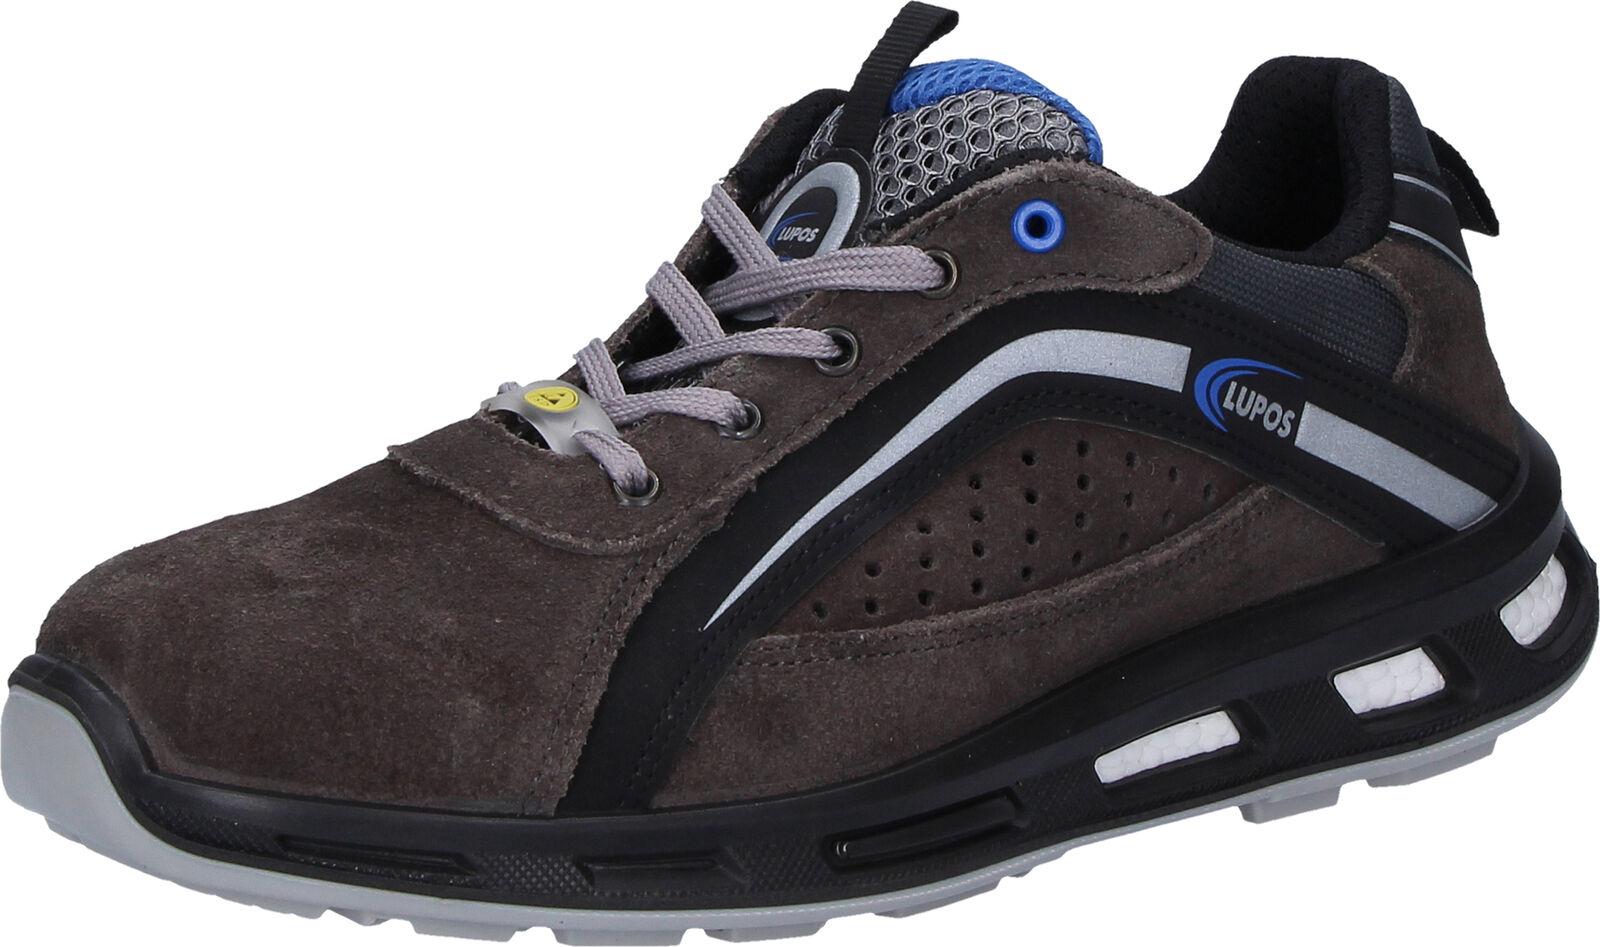 LUPOS Park gris en345 s1p ESD zapato bajo seguridad zapatos talla 45